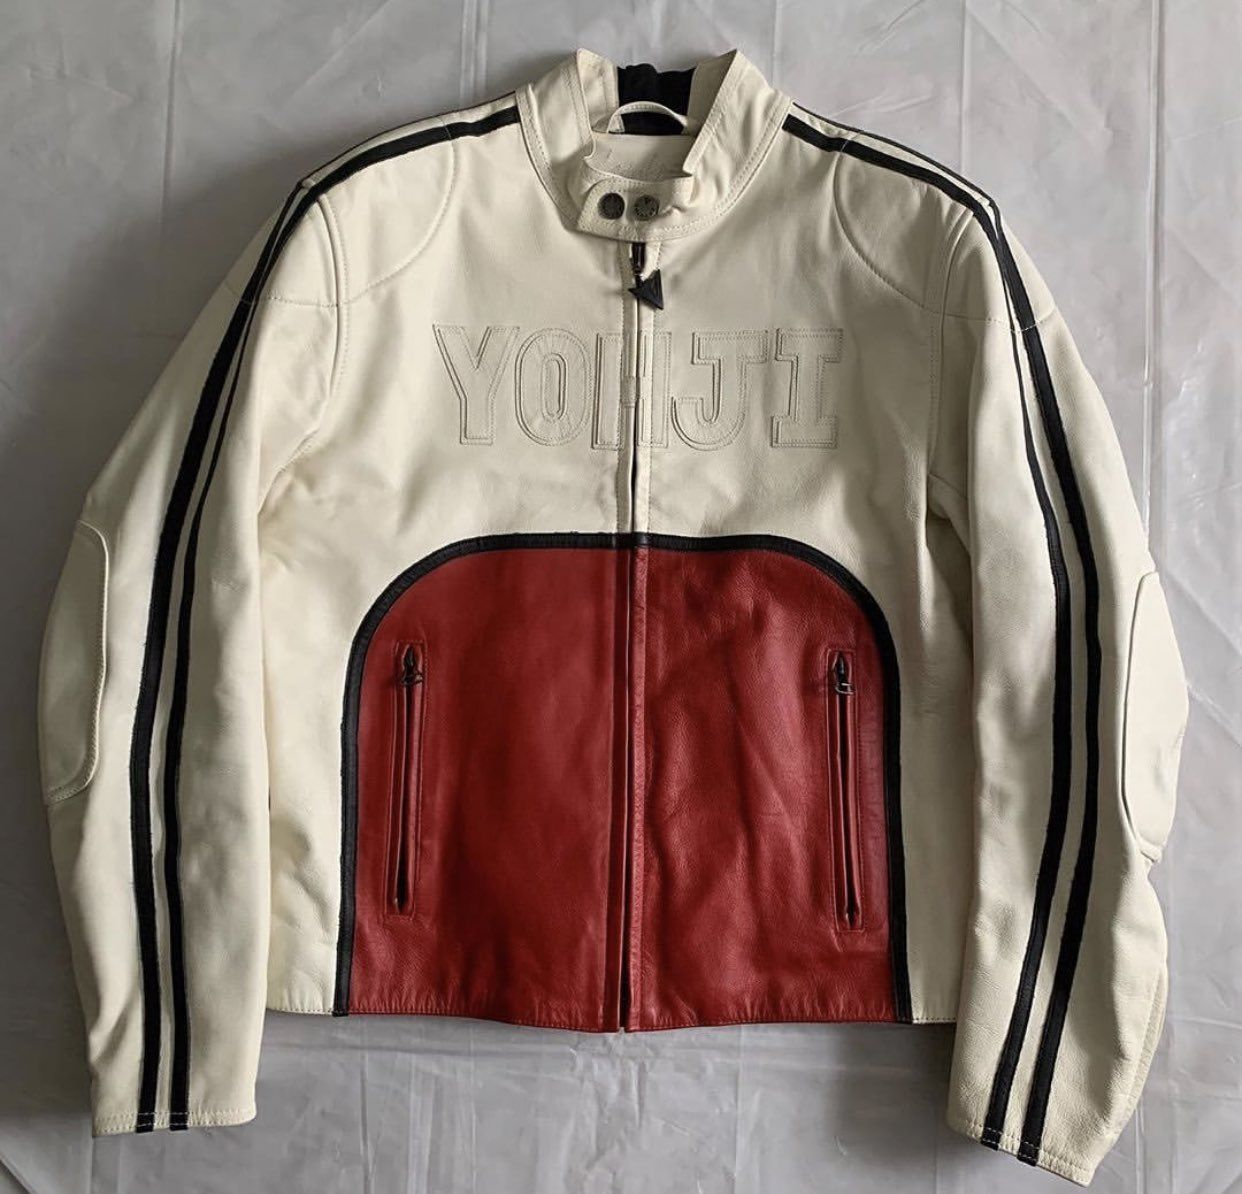 Persephone On Twitter Riders Jacket Jackets Yohji Yamamoto [ 1194 x 1242 Pixel ]